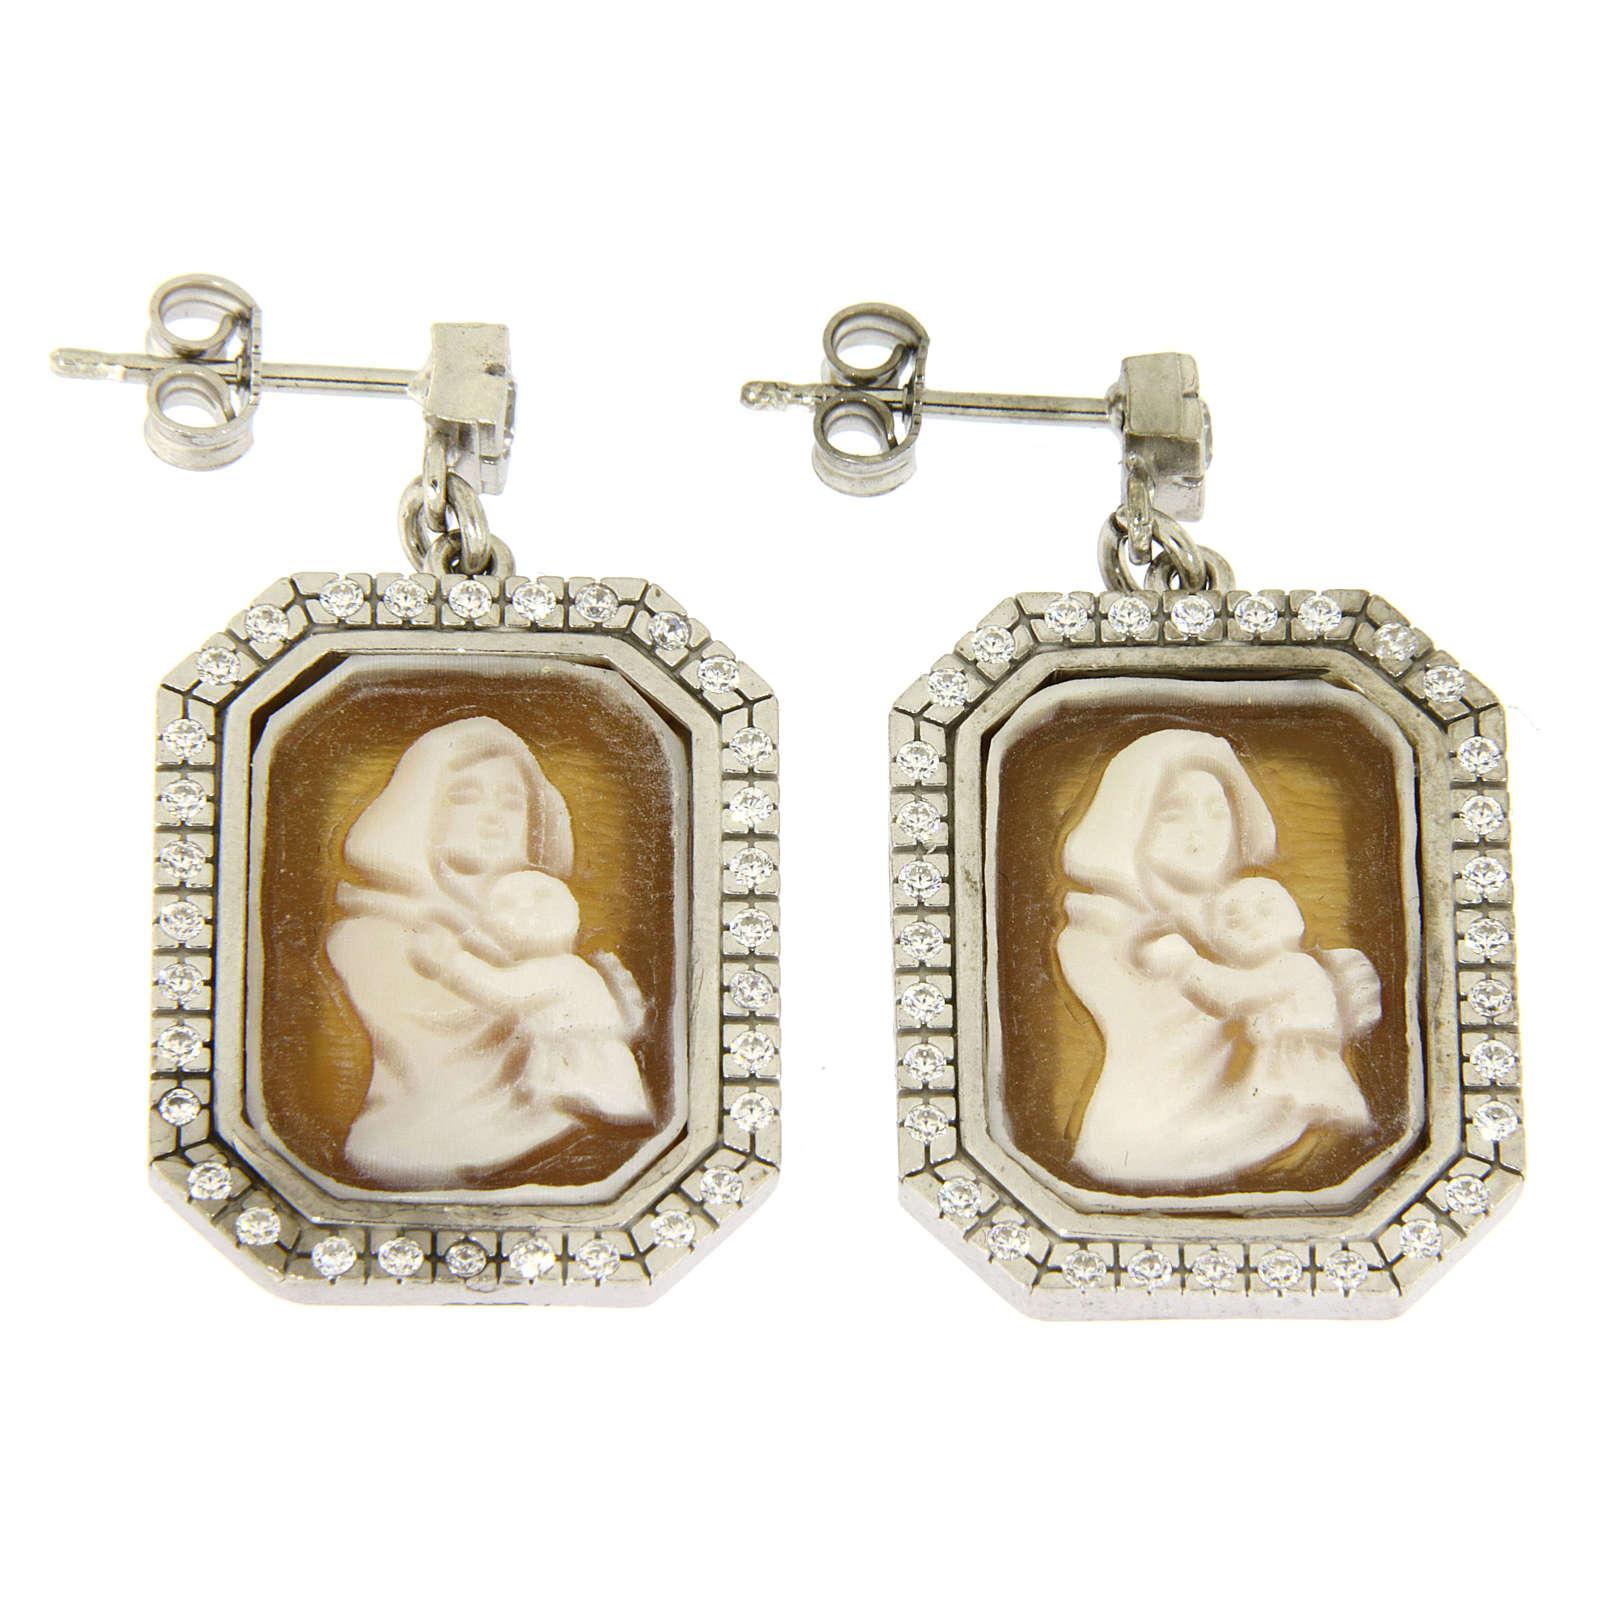 Orecchini argento 925 con zirconi bianchi e cammeo 4